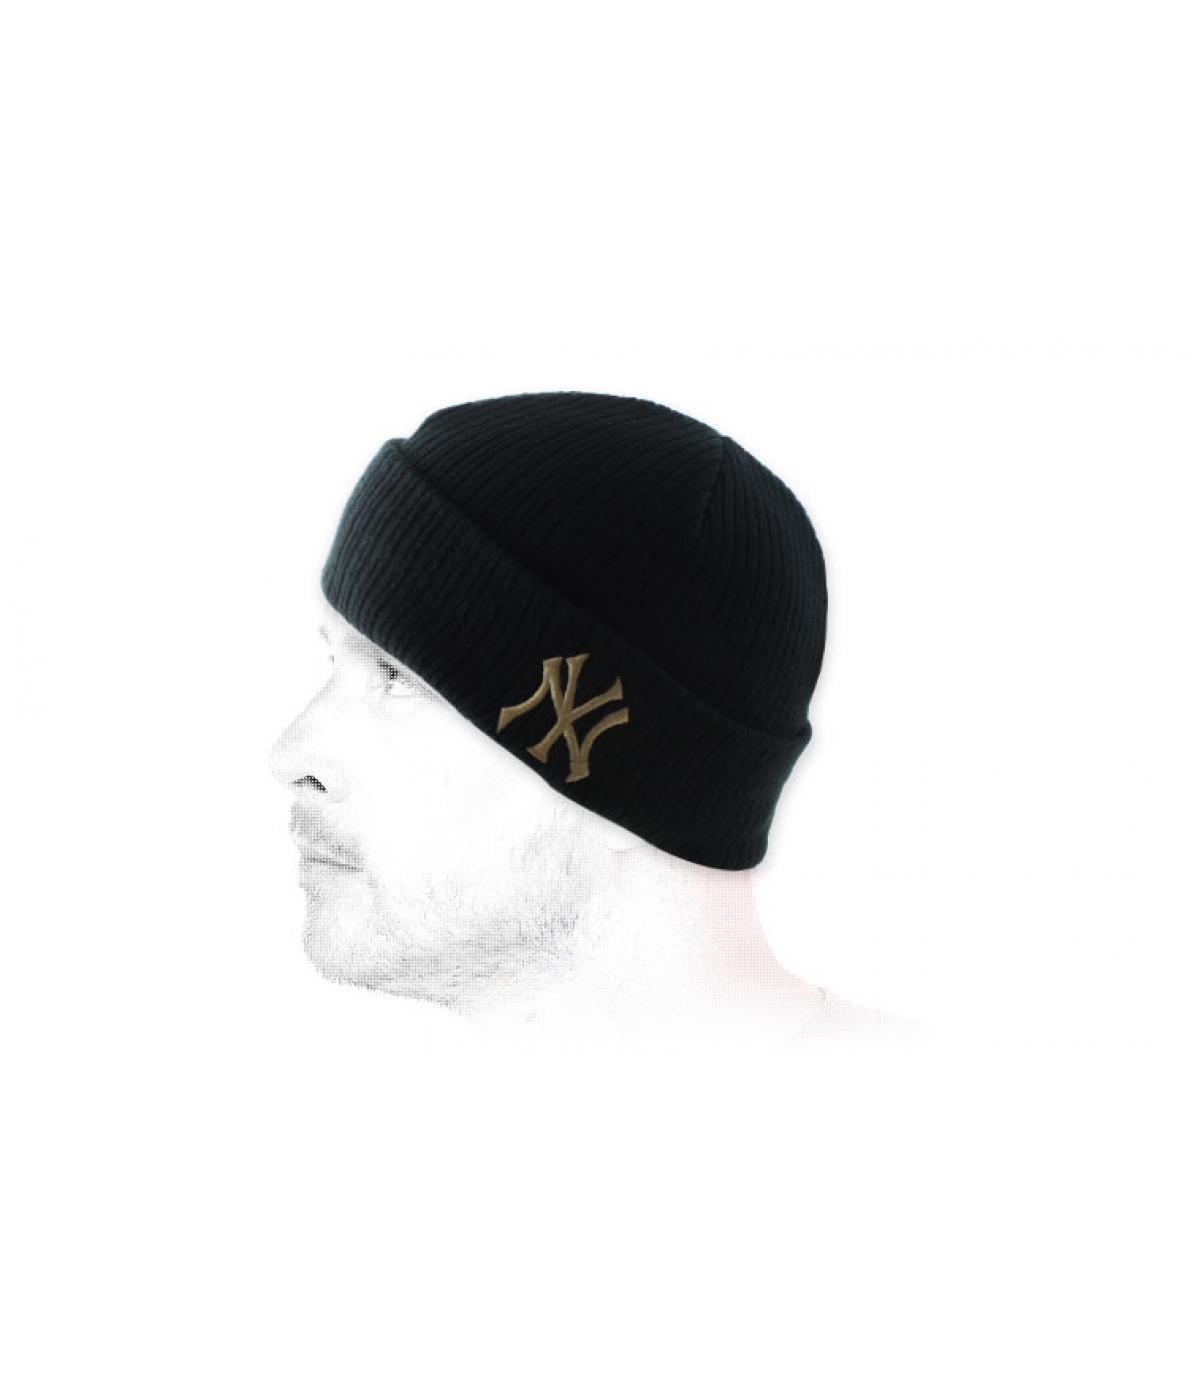 black cuffed NY beanie.